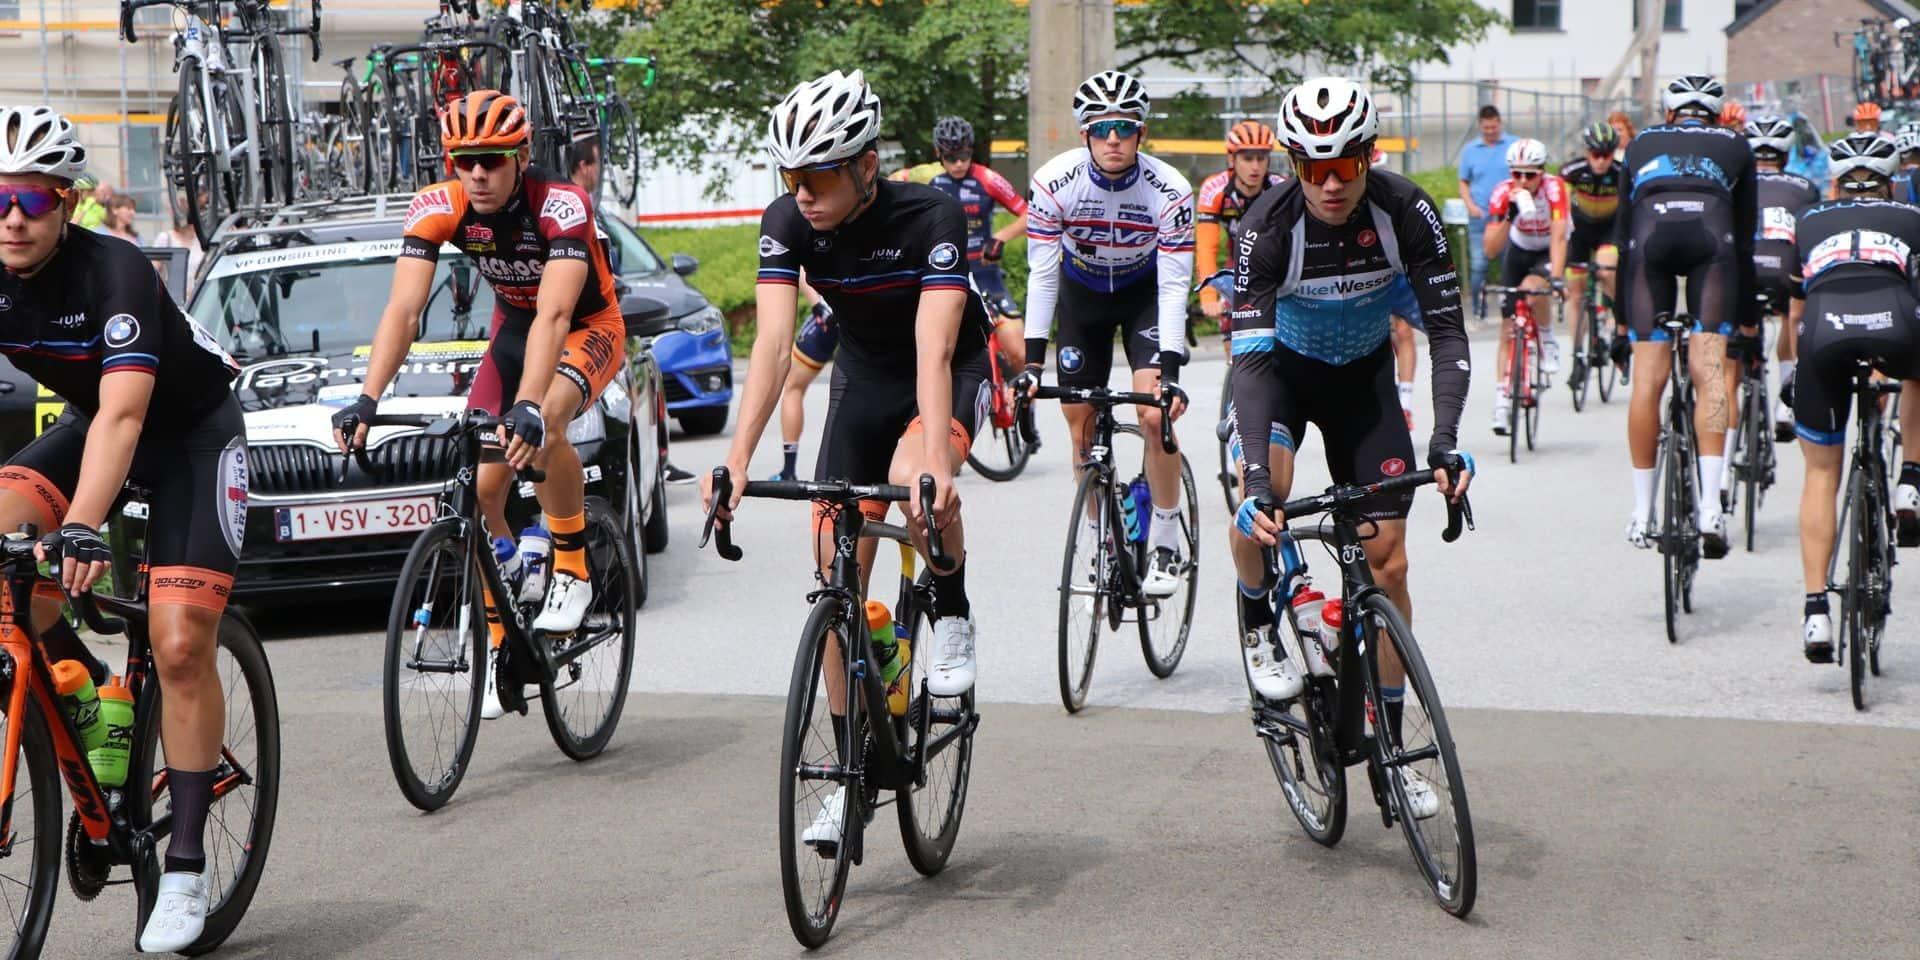 Cyclisme: les premières courses en Wallonie annulées